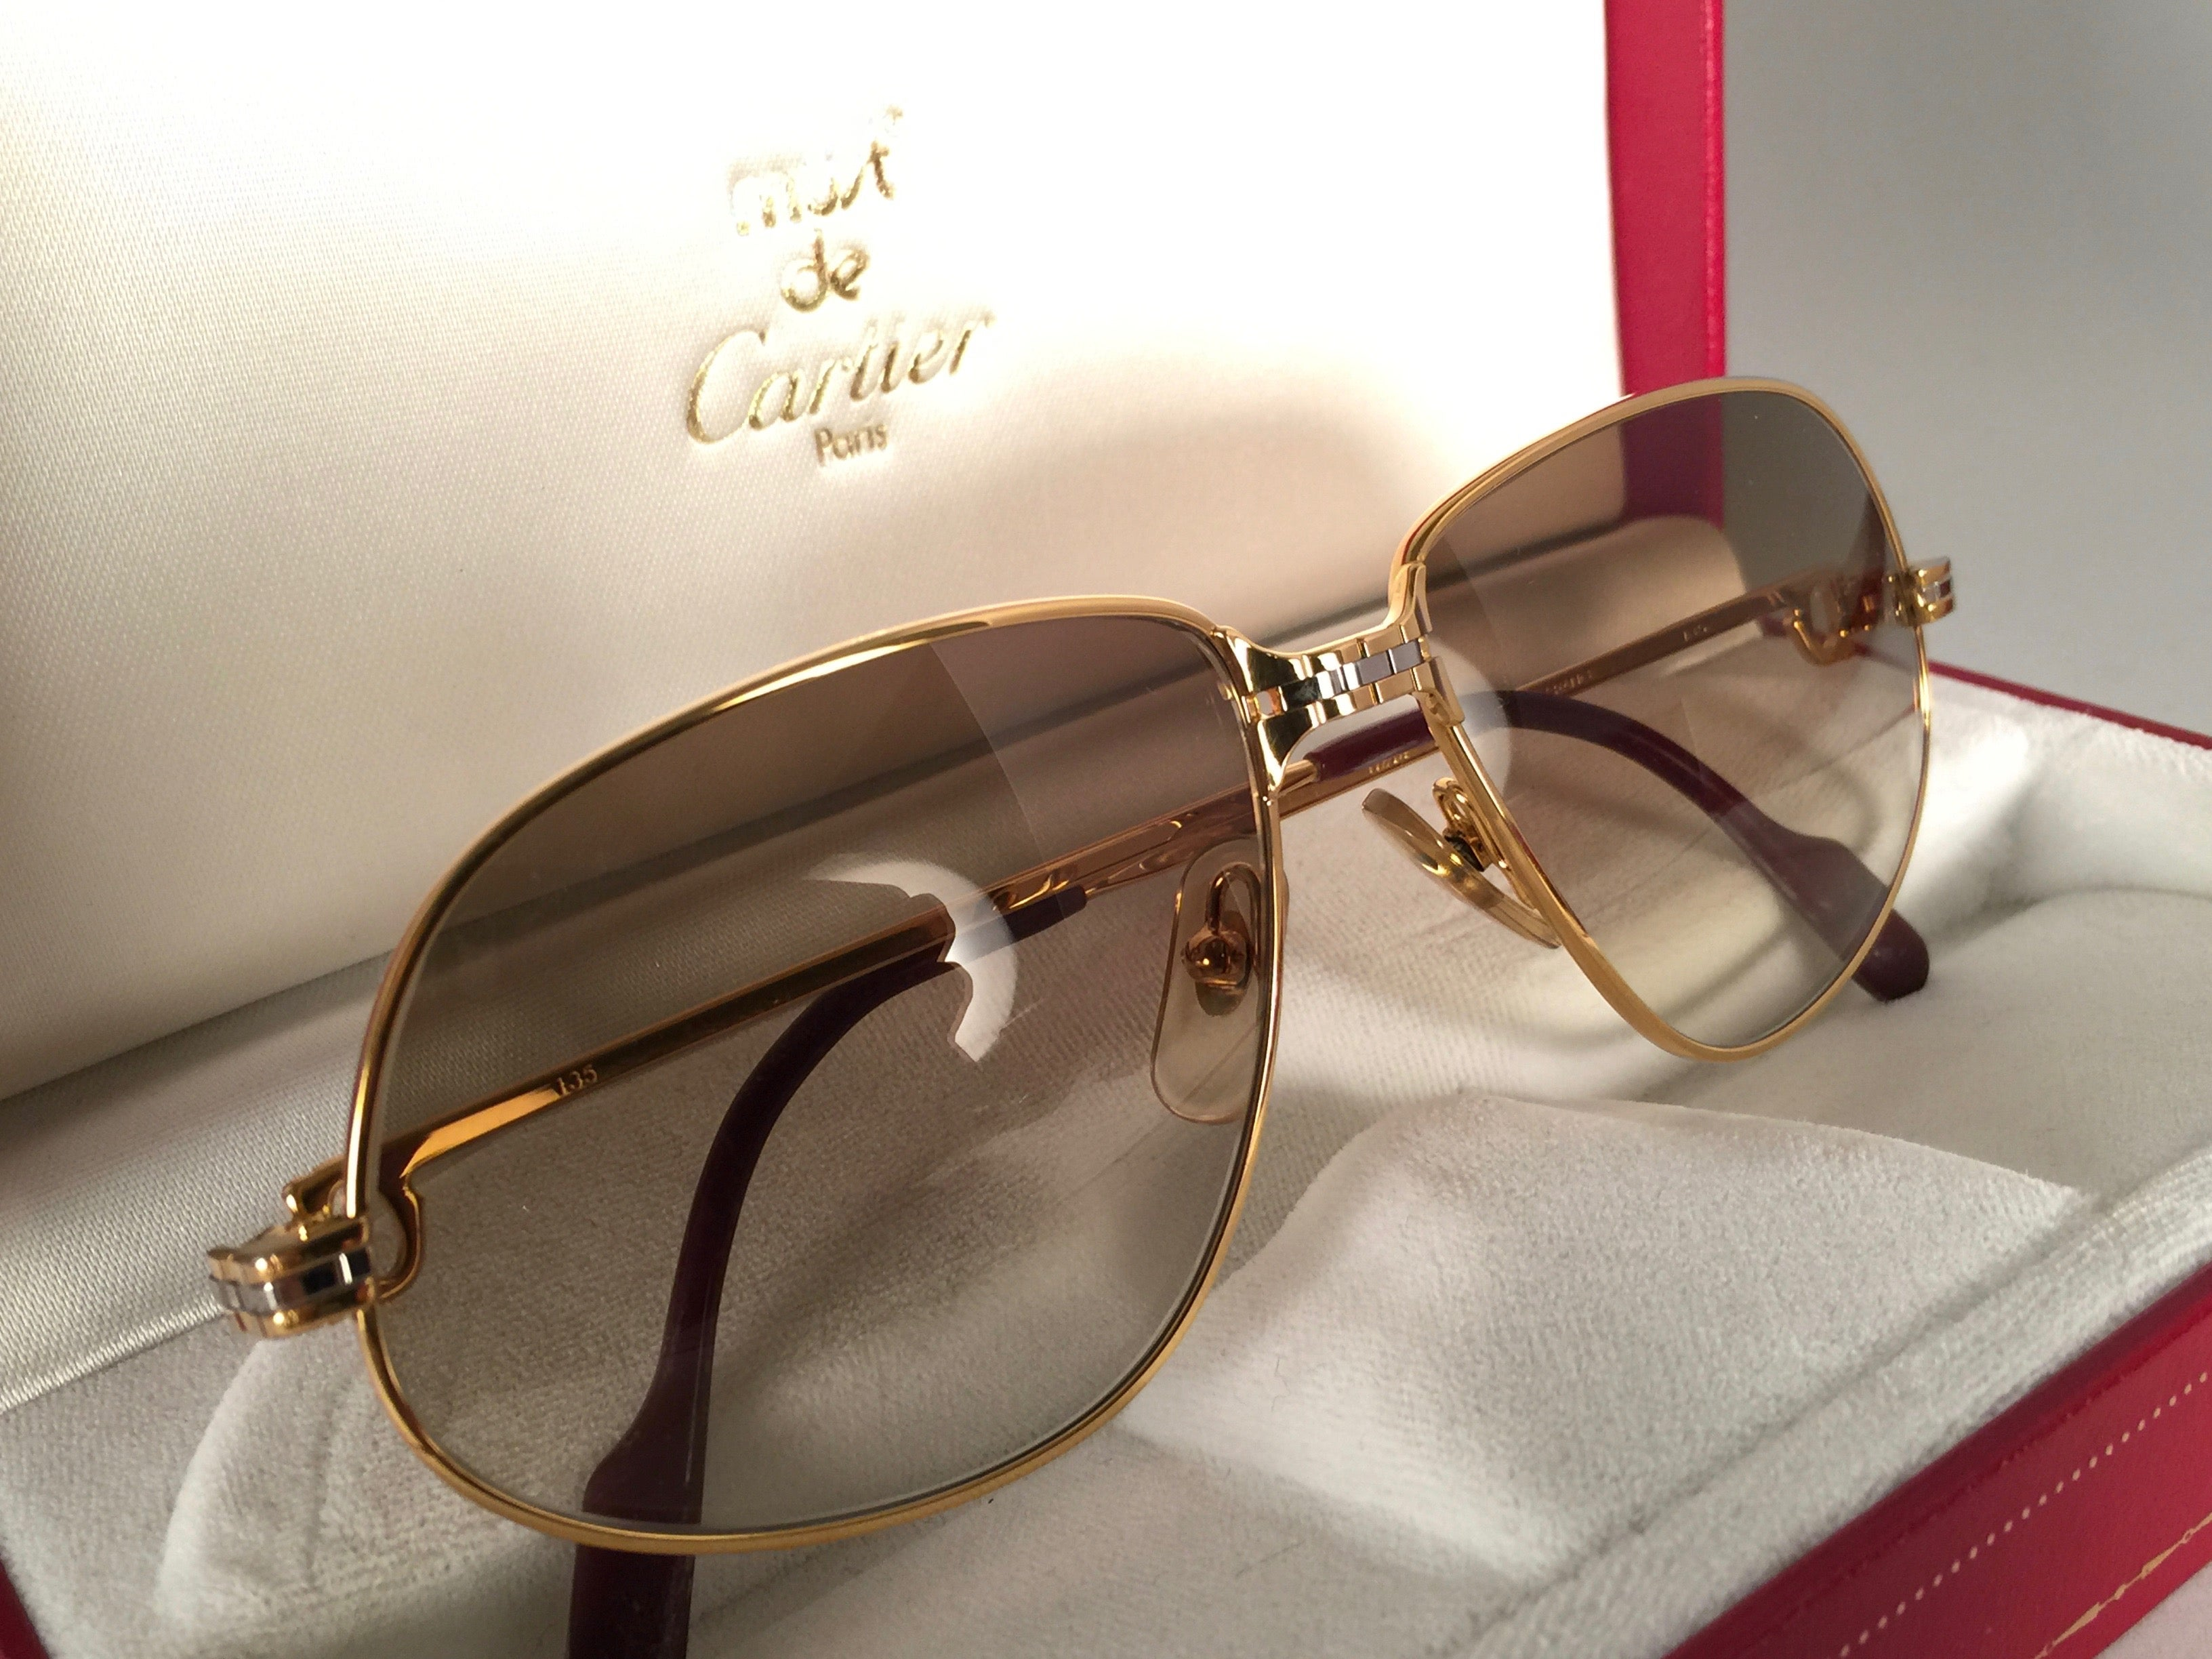 1f23af75ea9c Cartier Panthere Gradient Lenses Medium Vintage Sunglasses France at 1stdibs